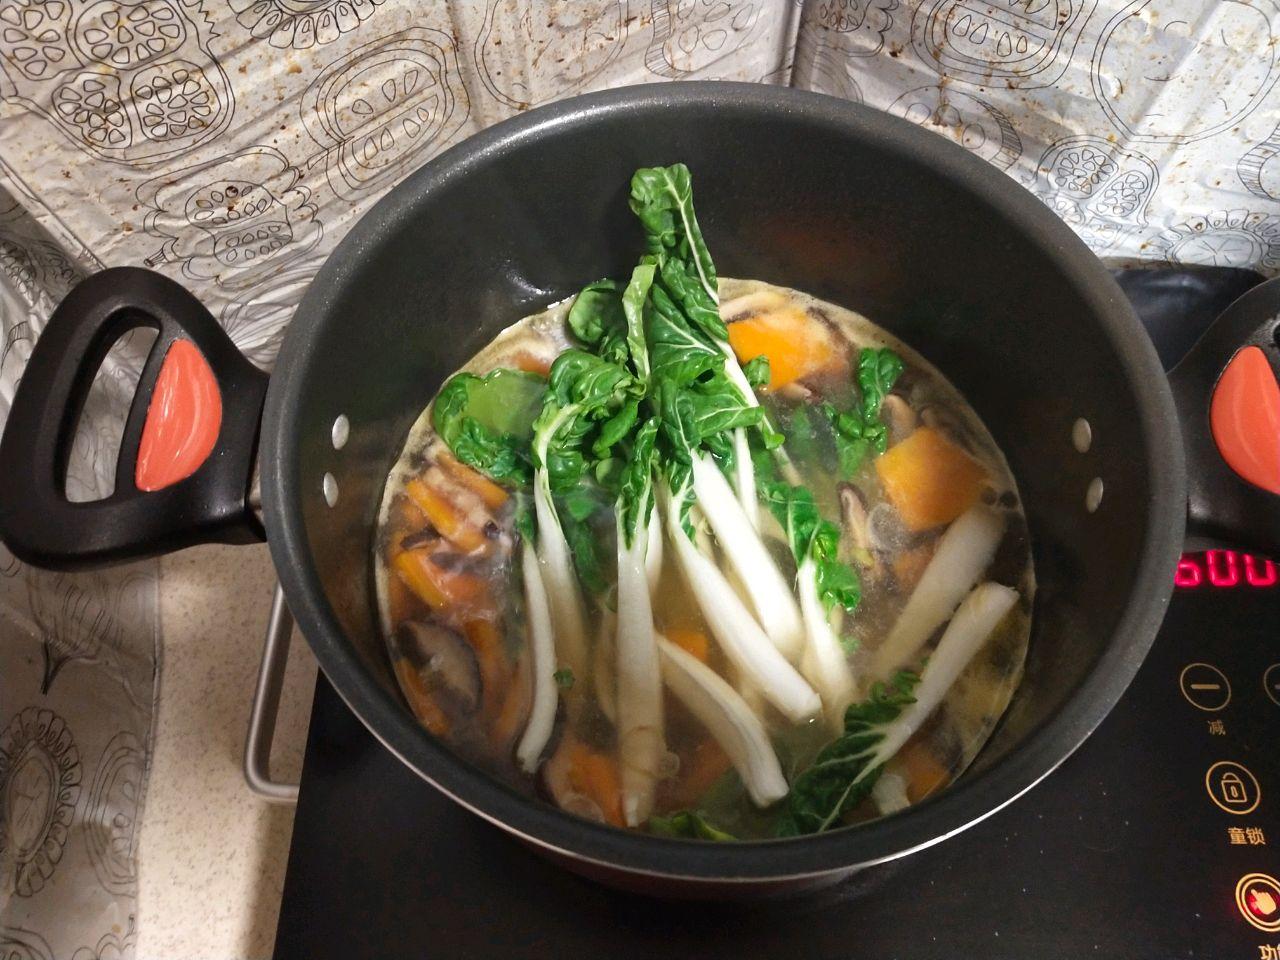 奶白菜南瓜排骨汤#花10分钟,做一菜谱!#的道菜_菜谱做法蘑菇名图片